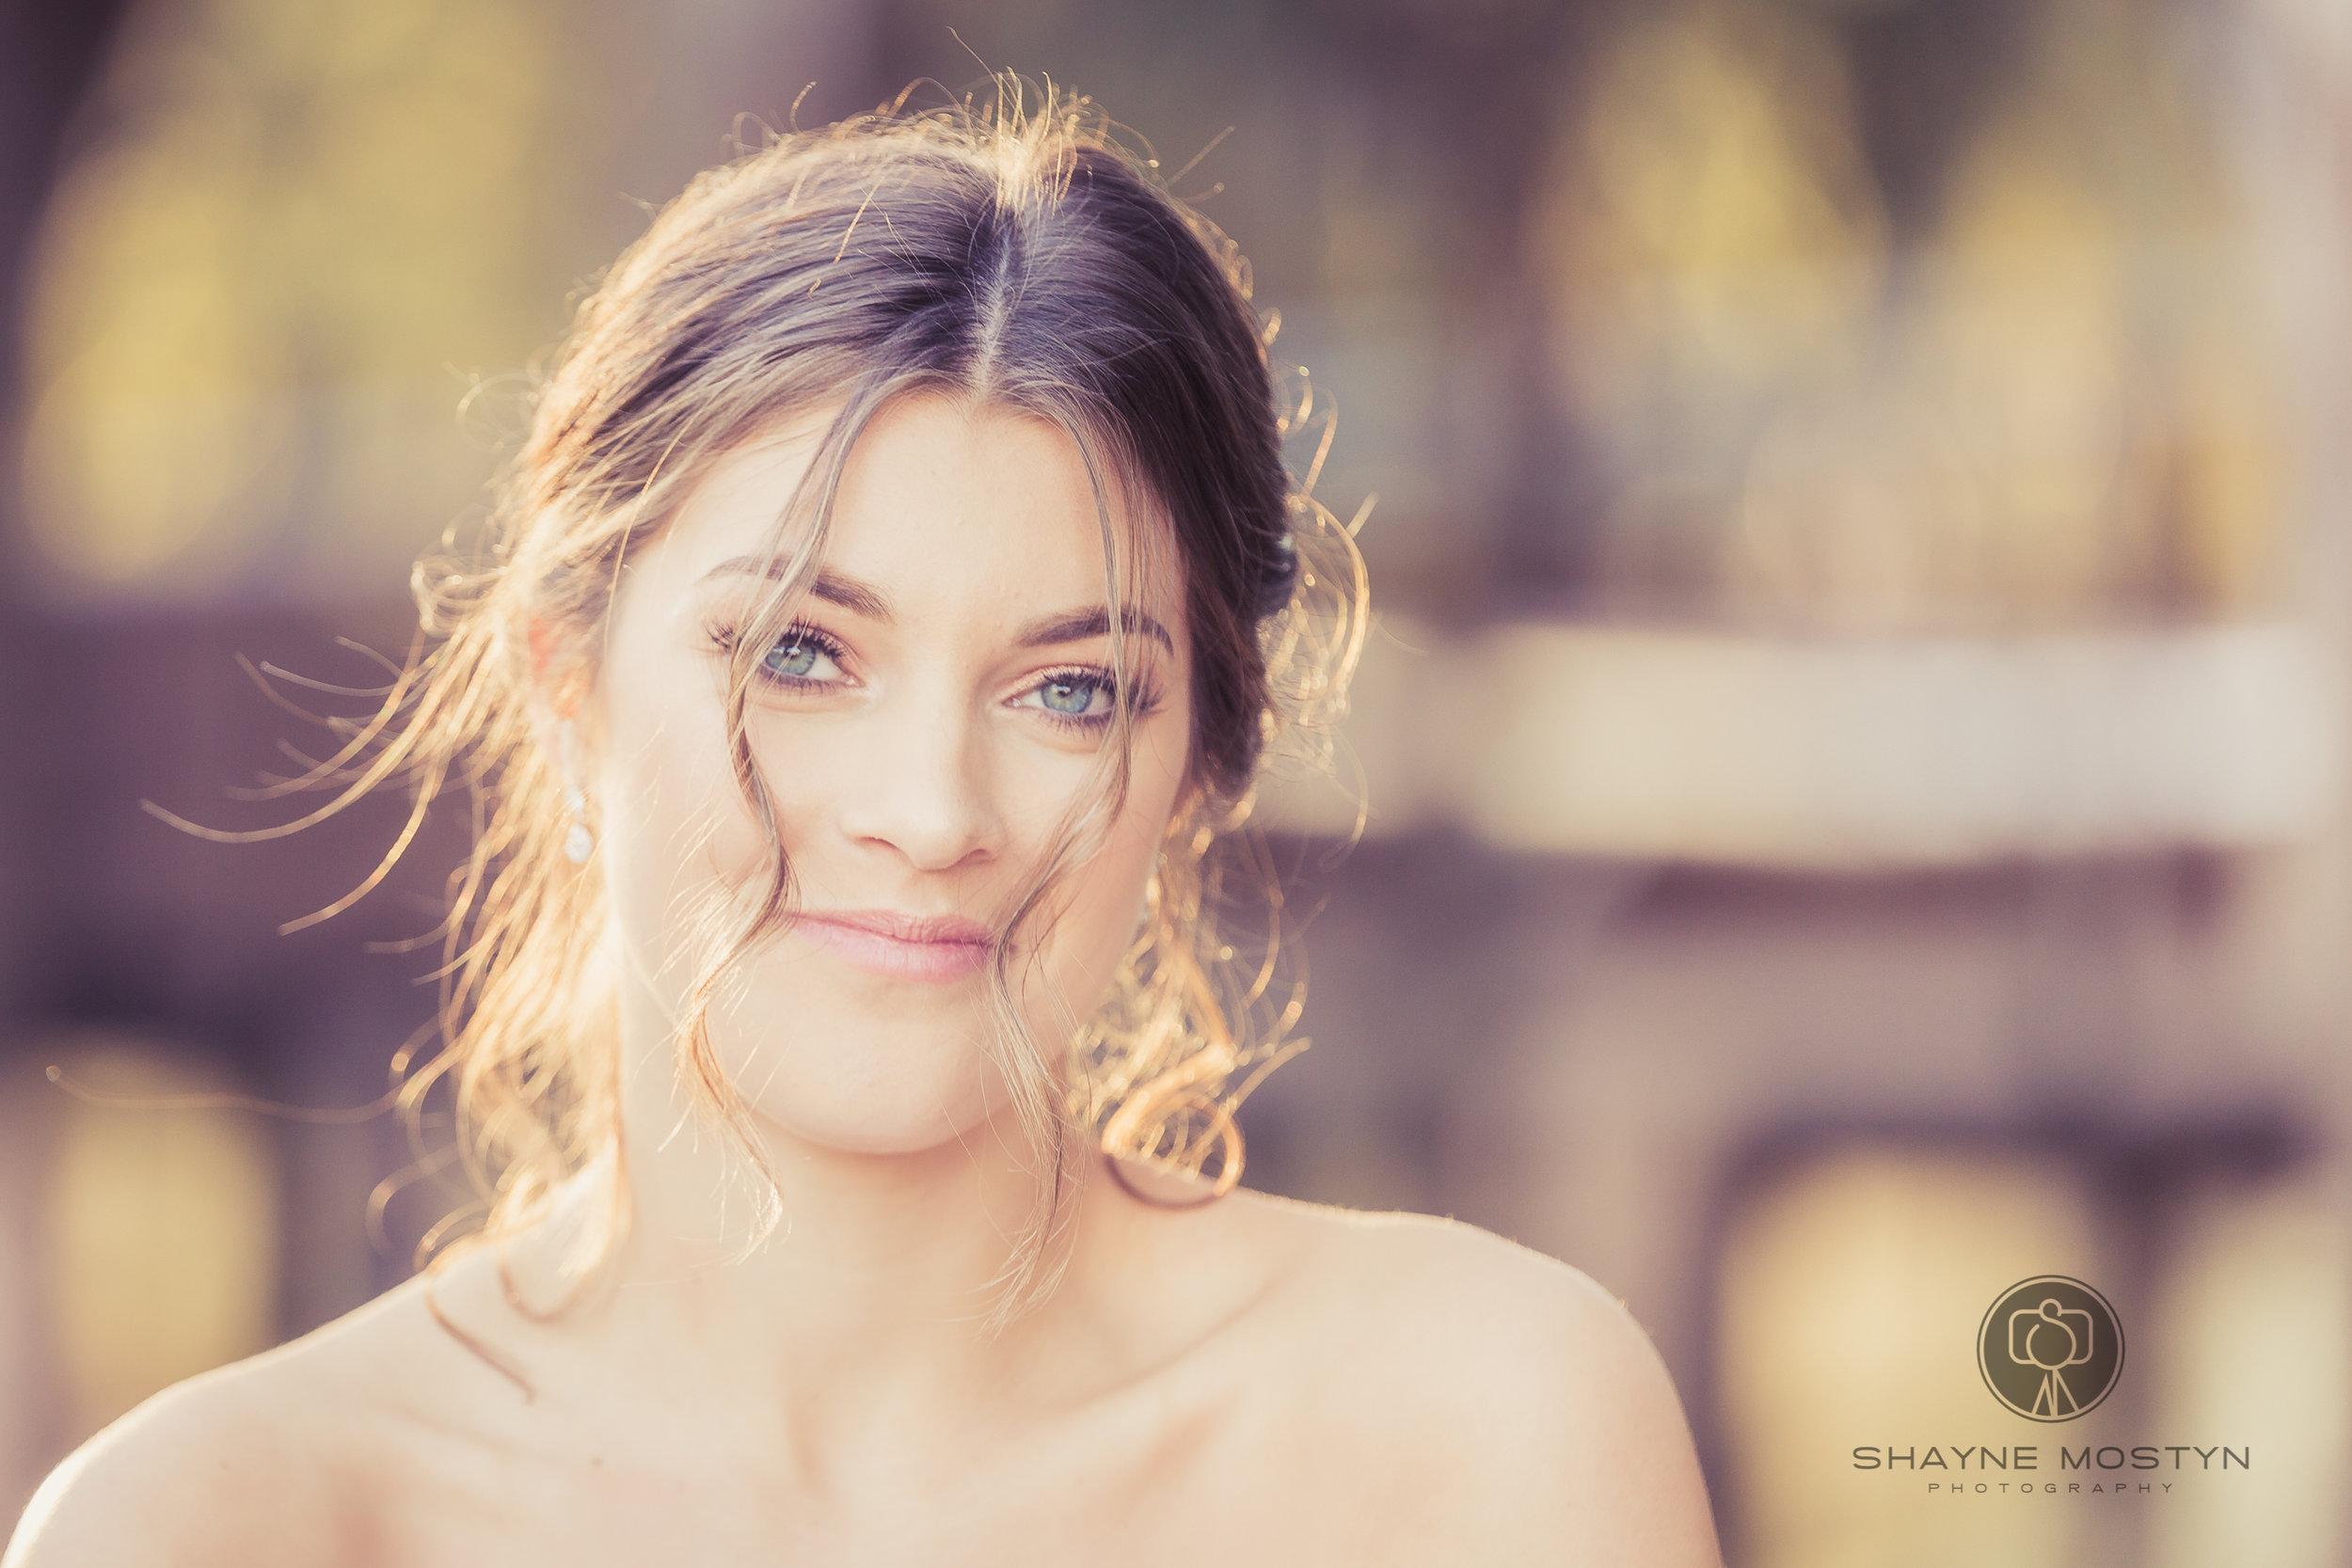 Shayne_Mostyn_Photography-166.jpg